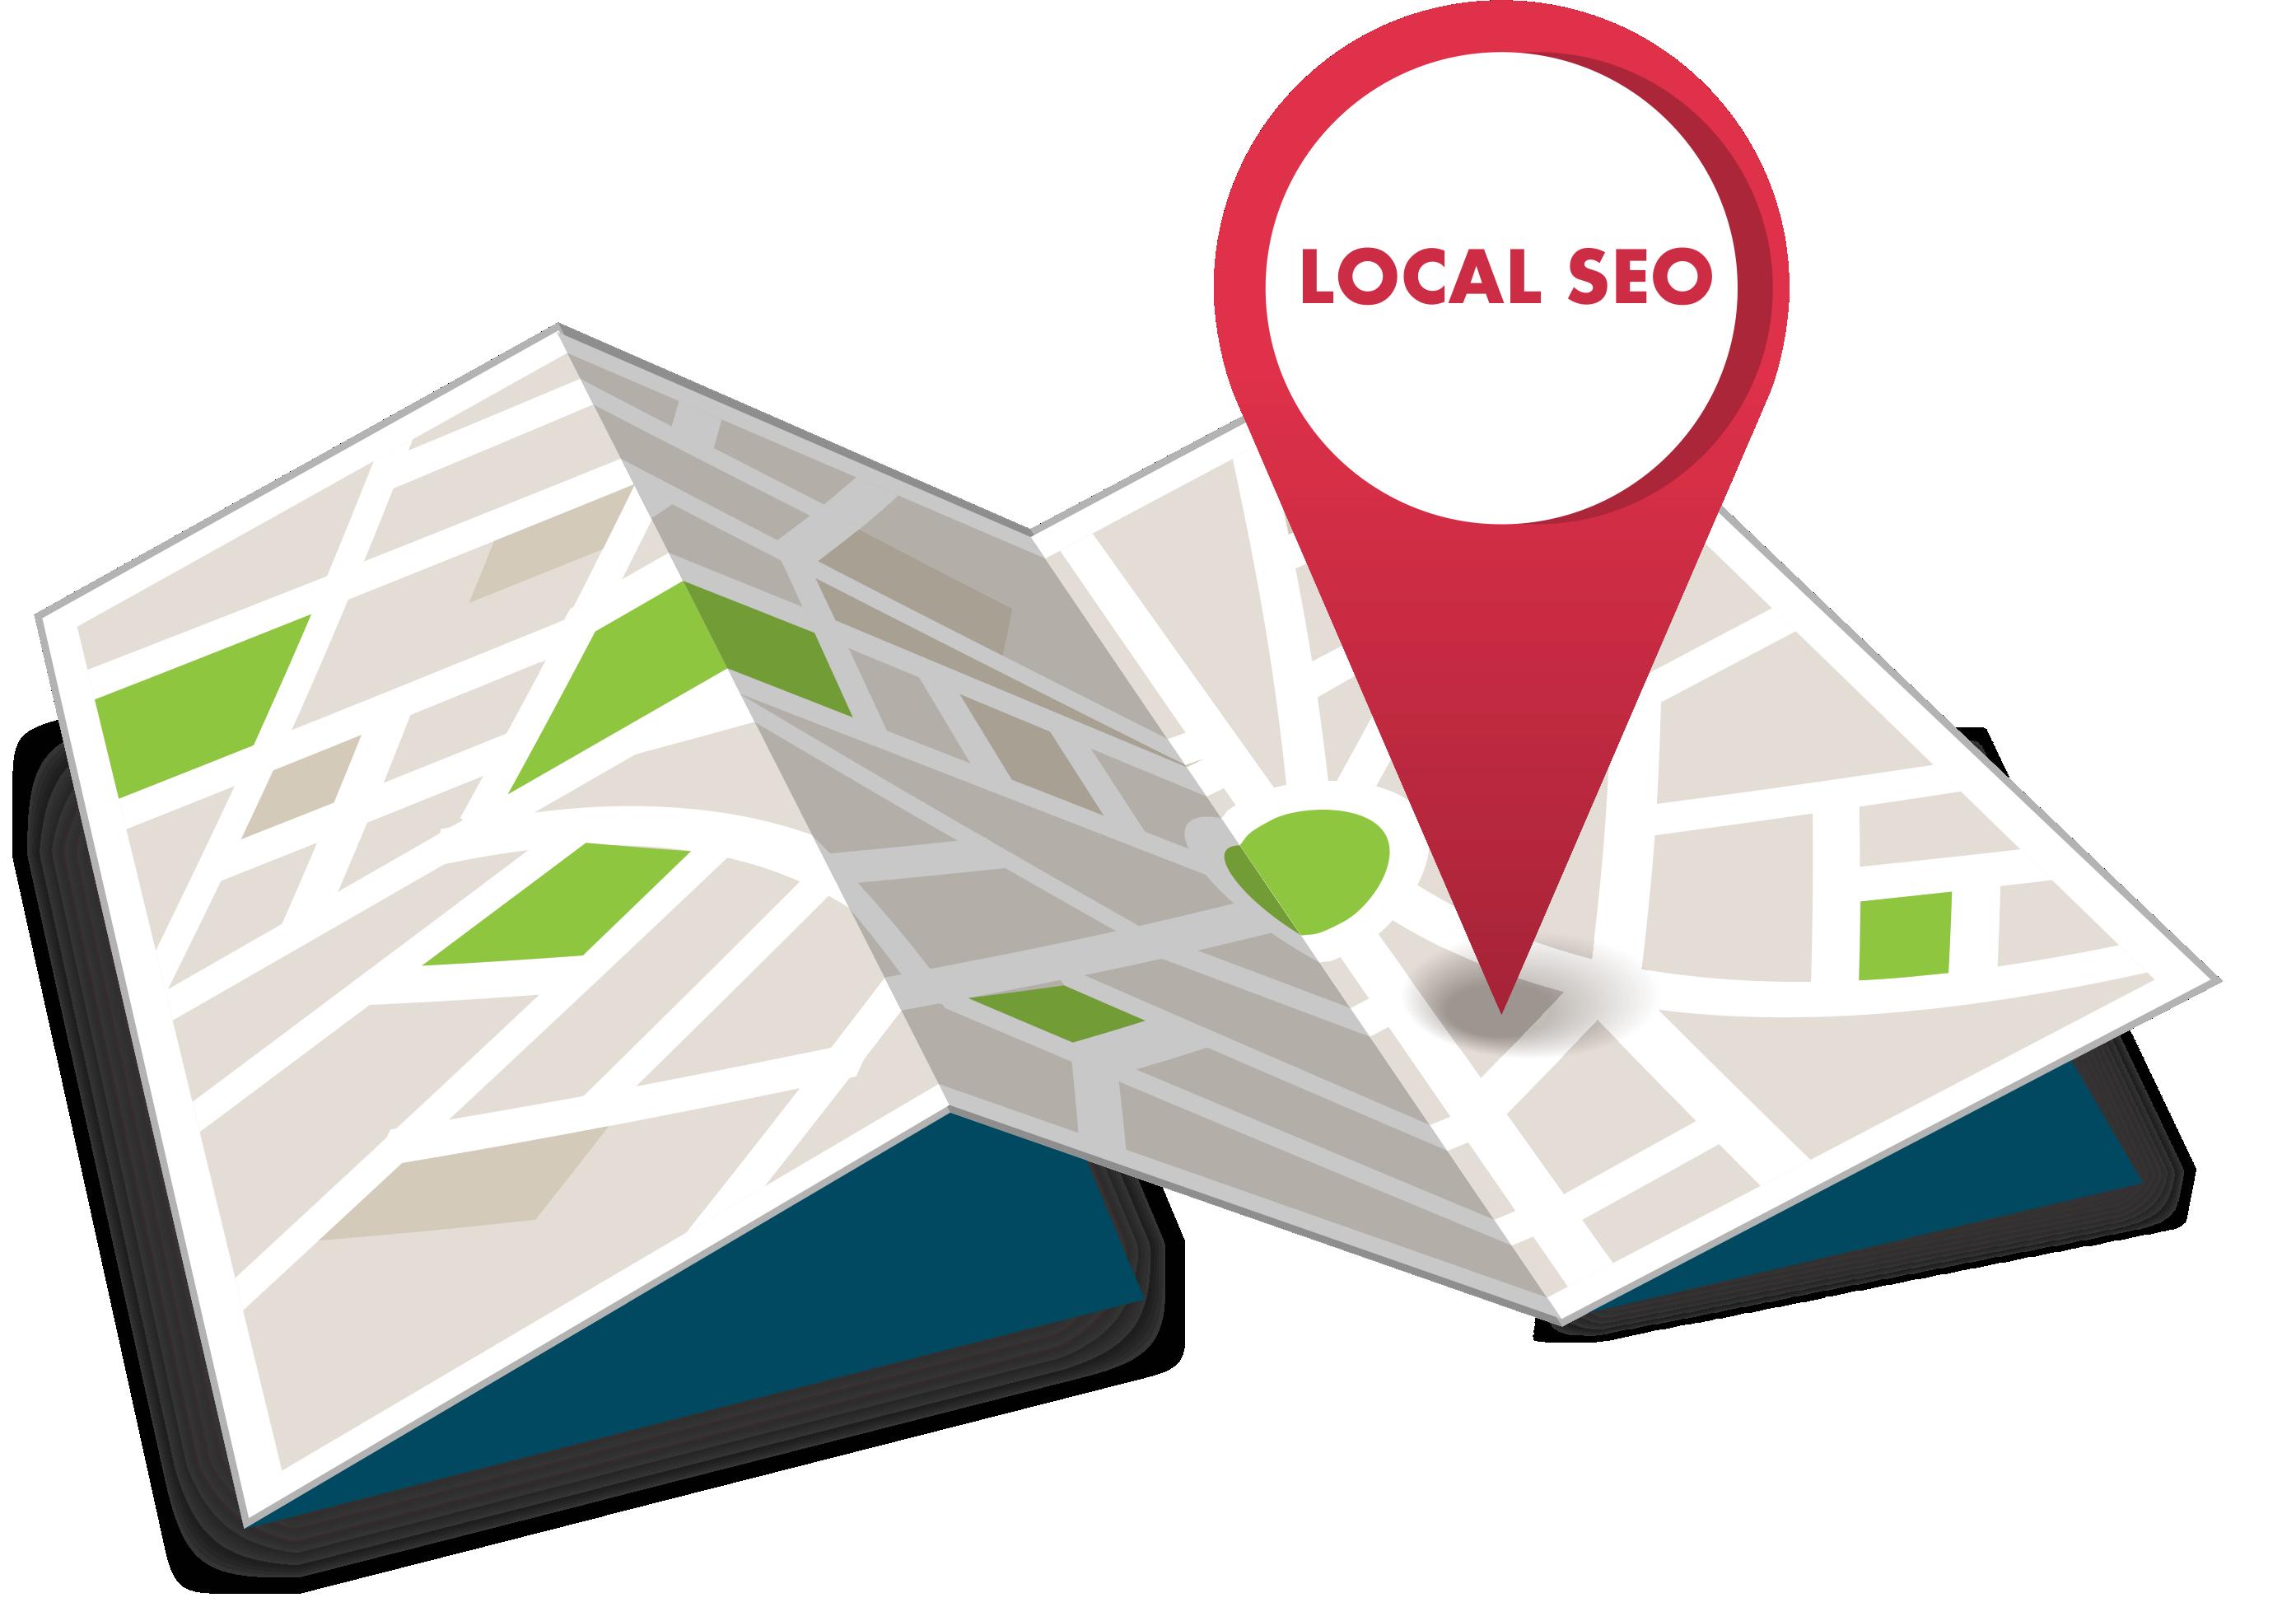 seo checklist local seo